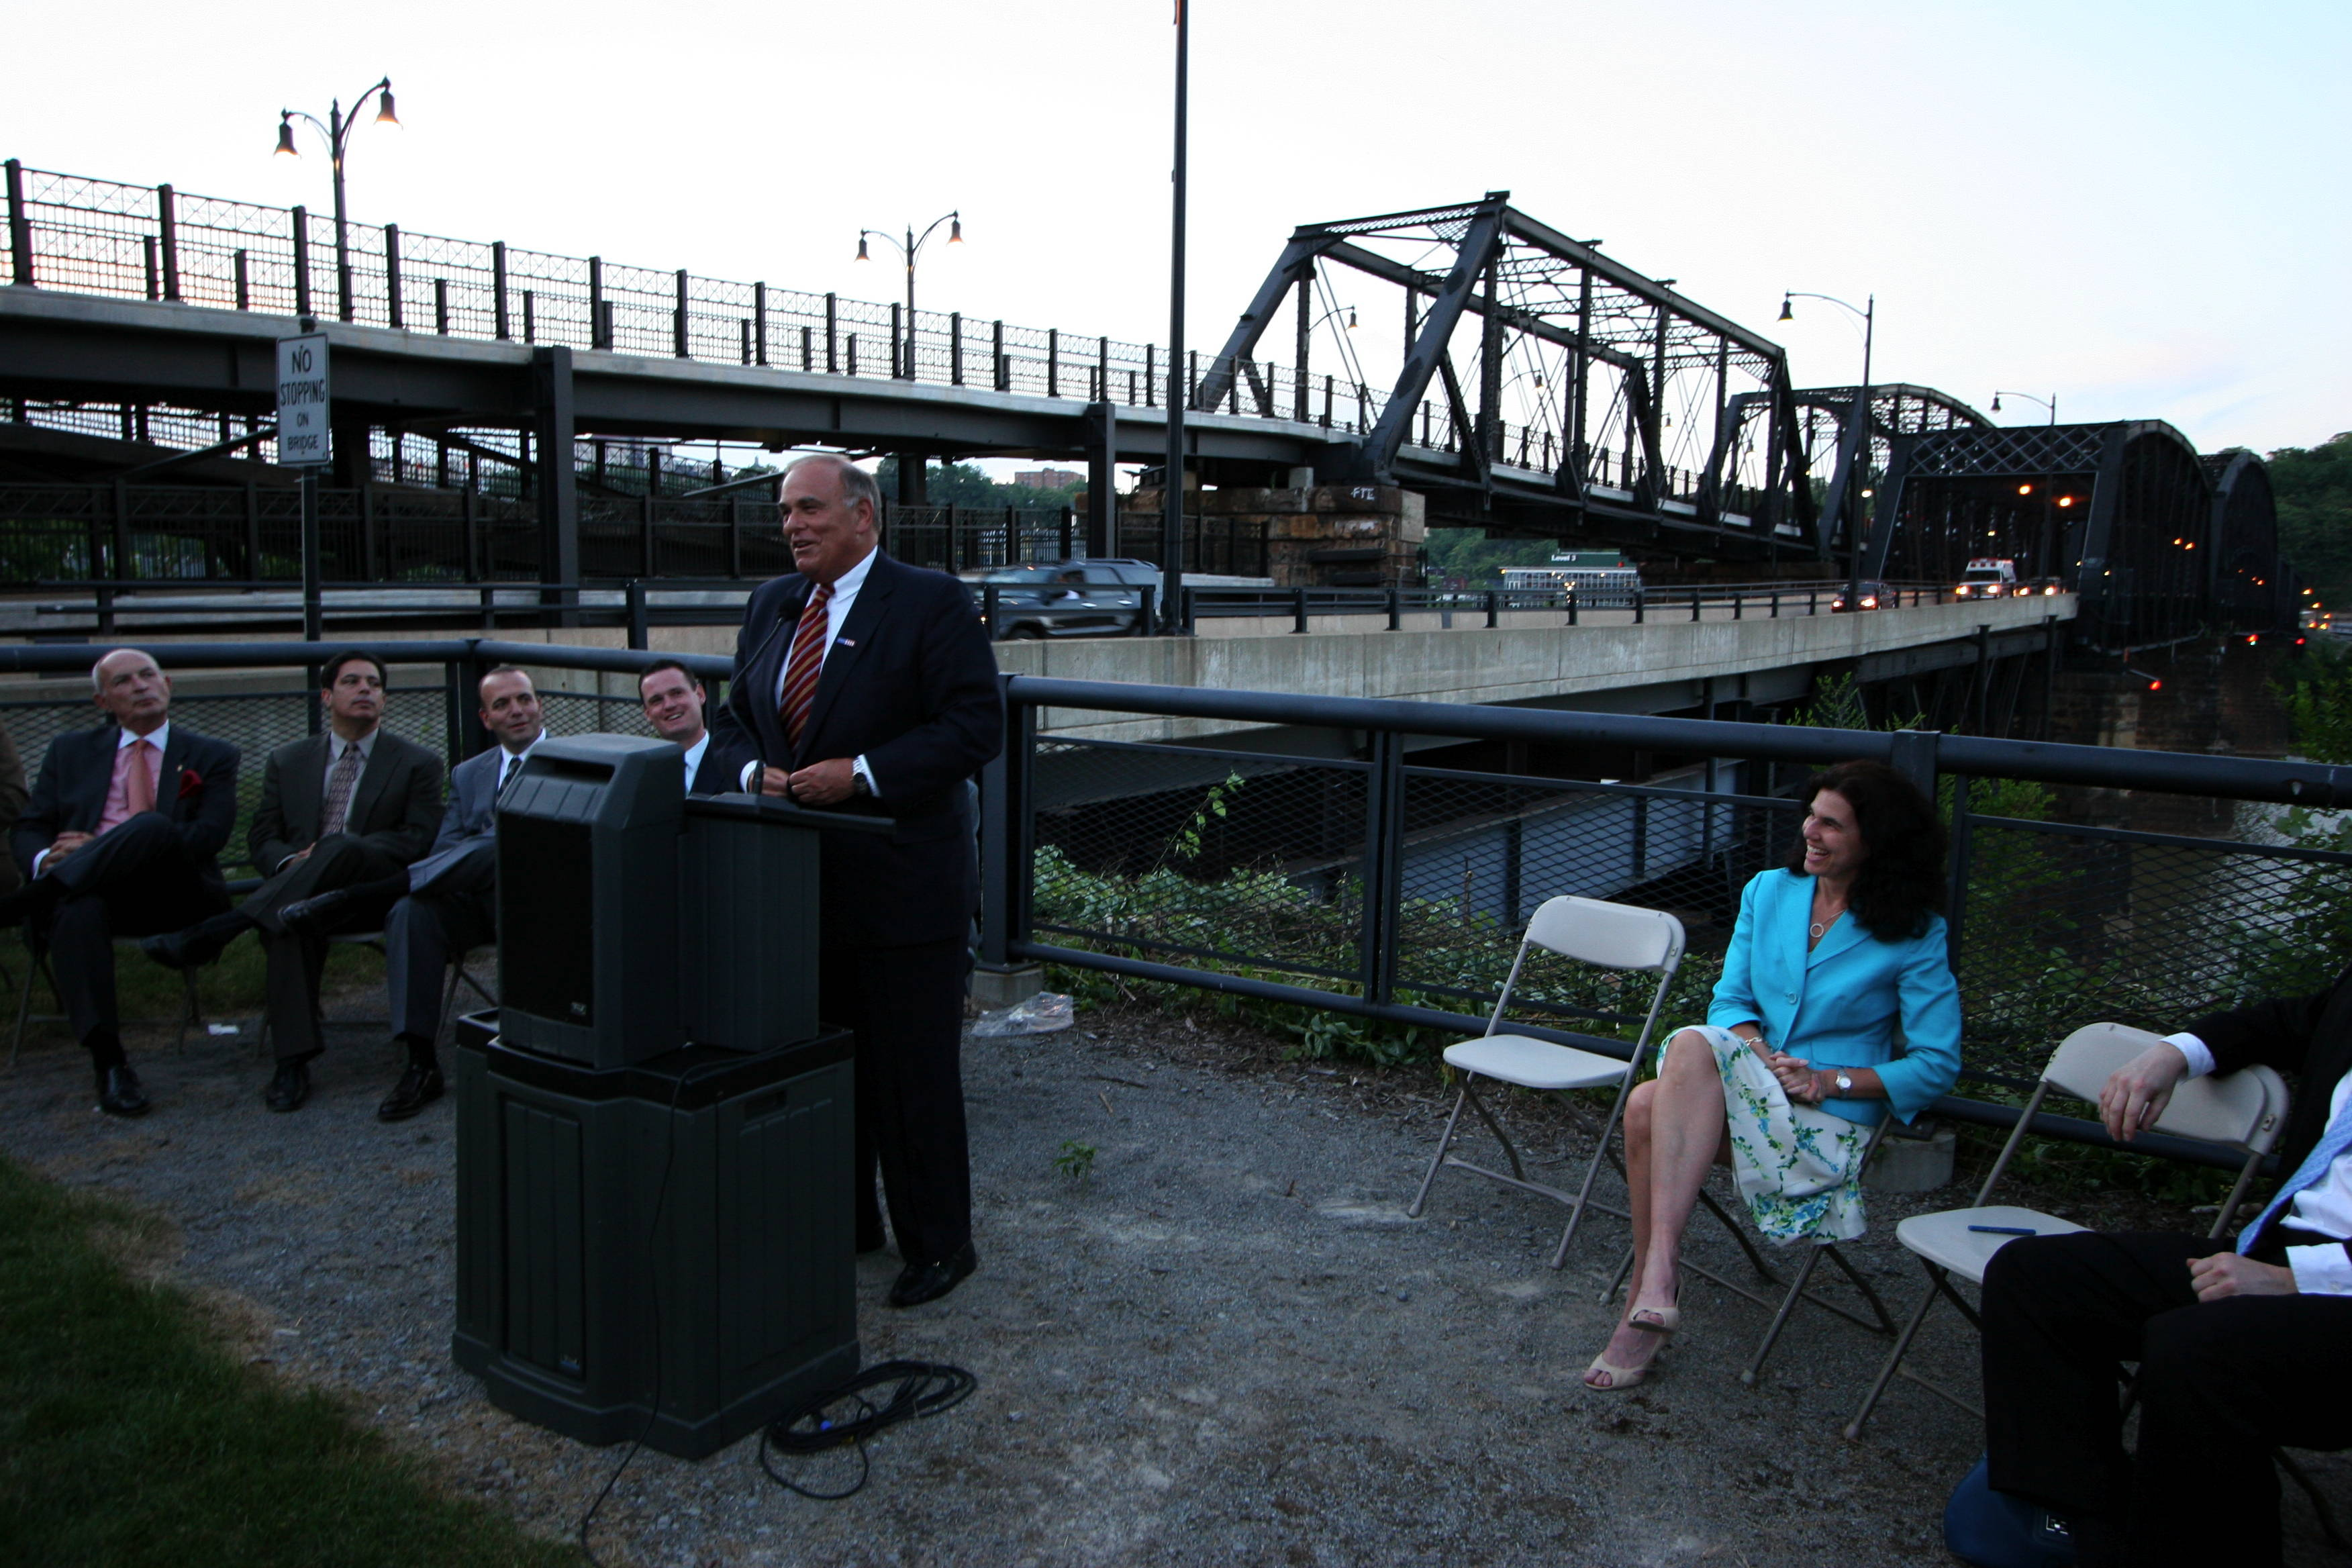 Gov. Ed Rendell Speaking at Lighting Ceremony